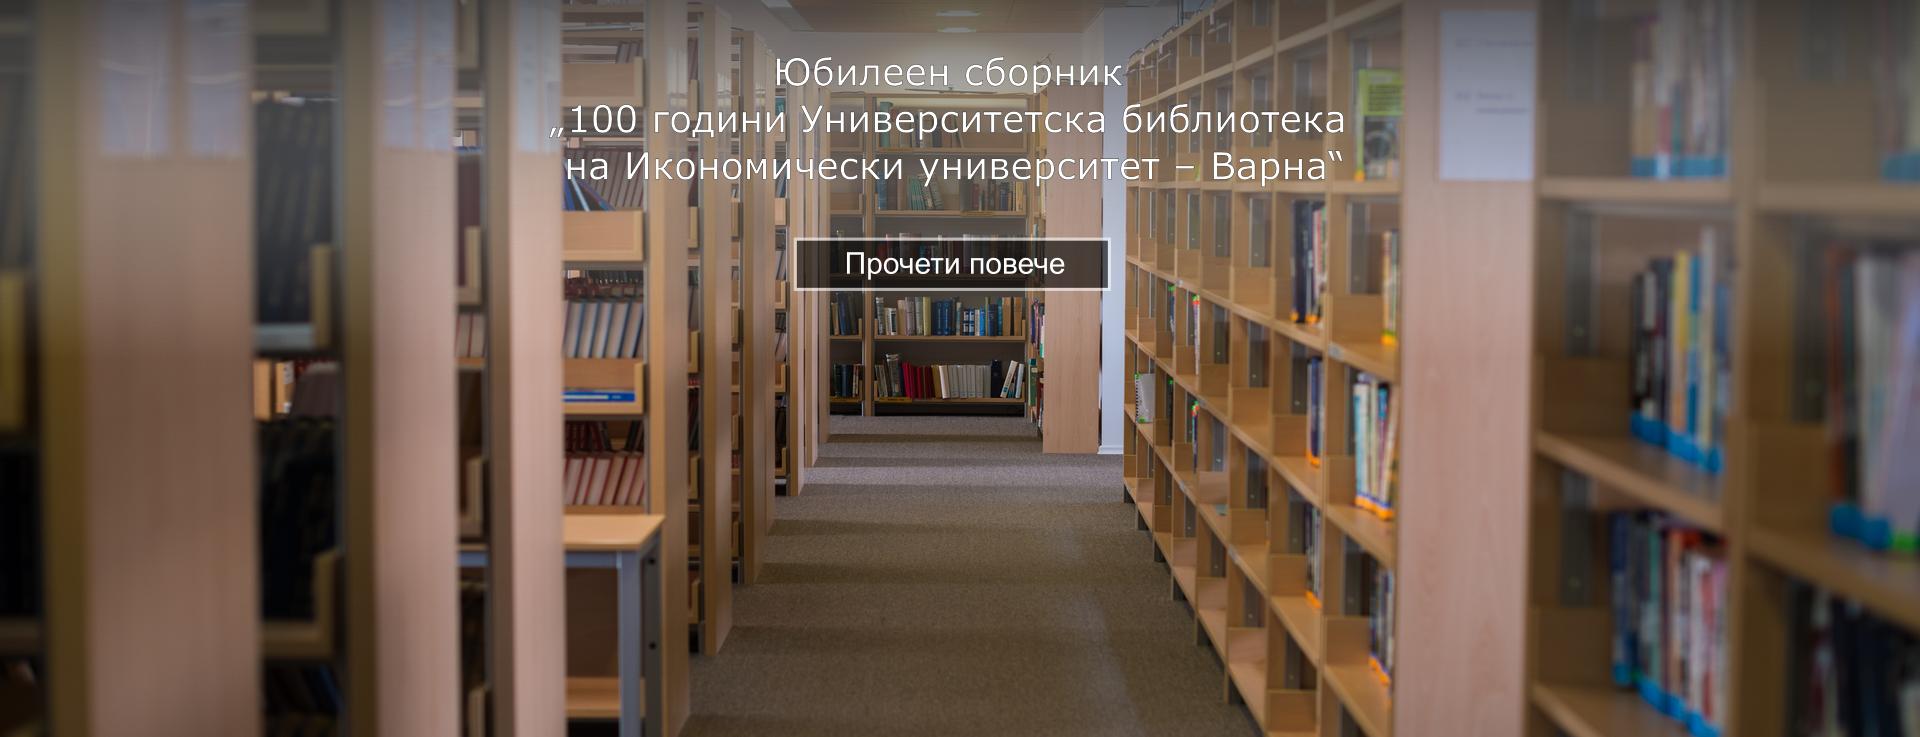 """Юбилеен сборник """"100г. университетска библиотека"""""""